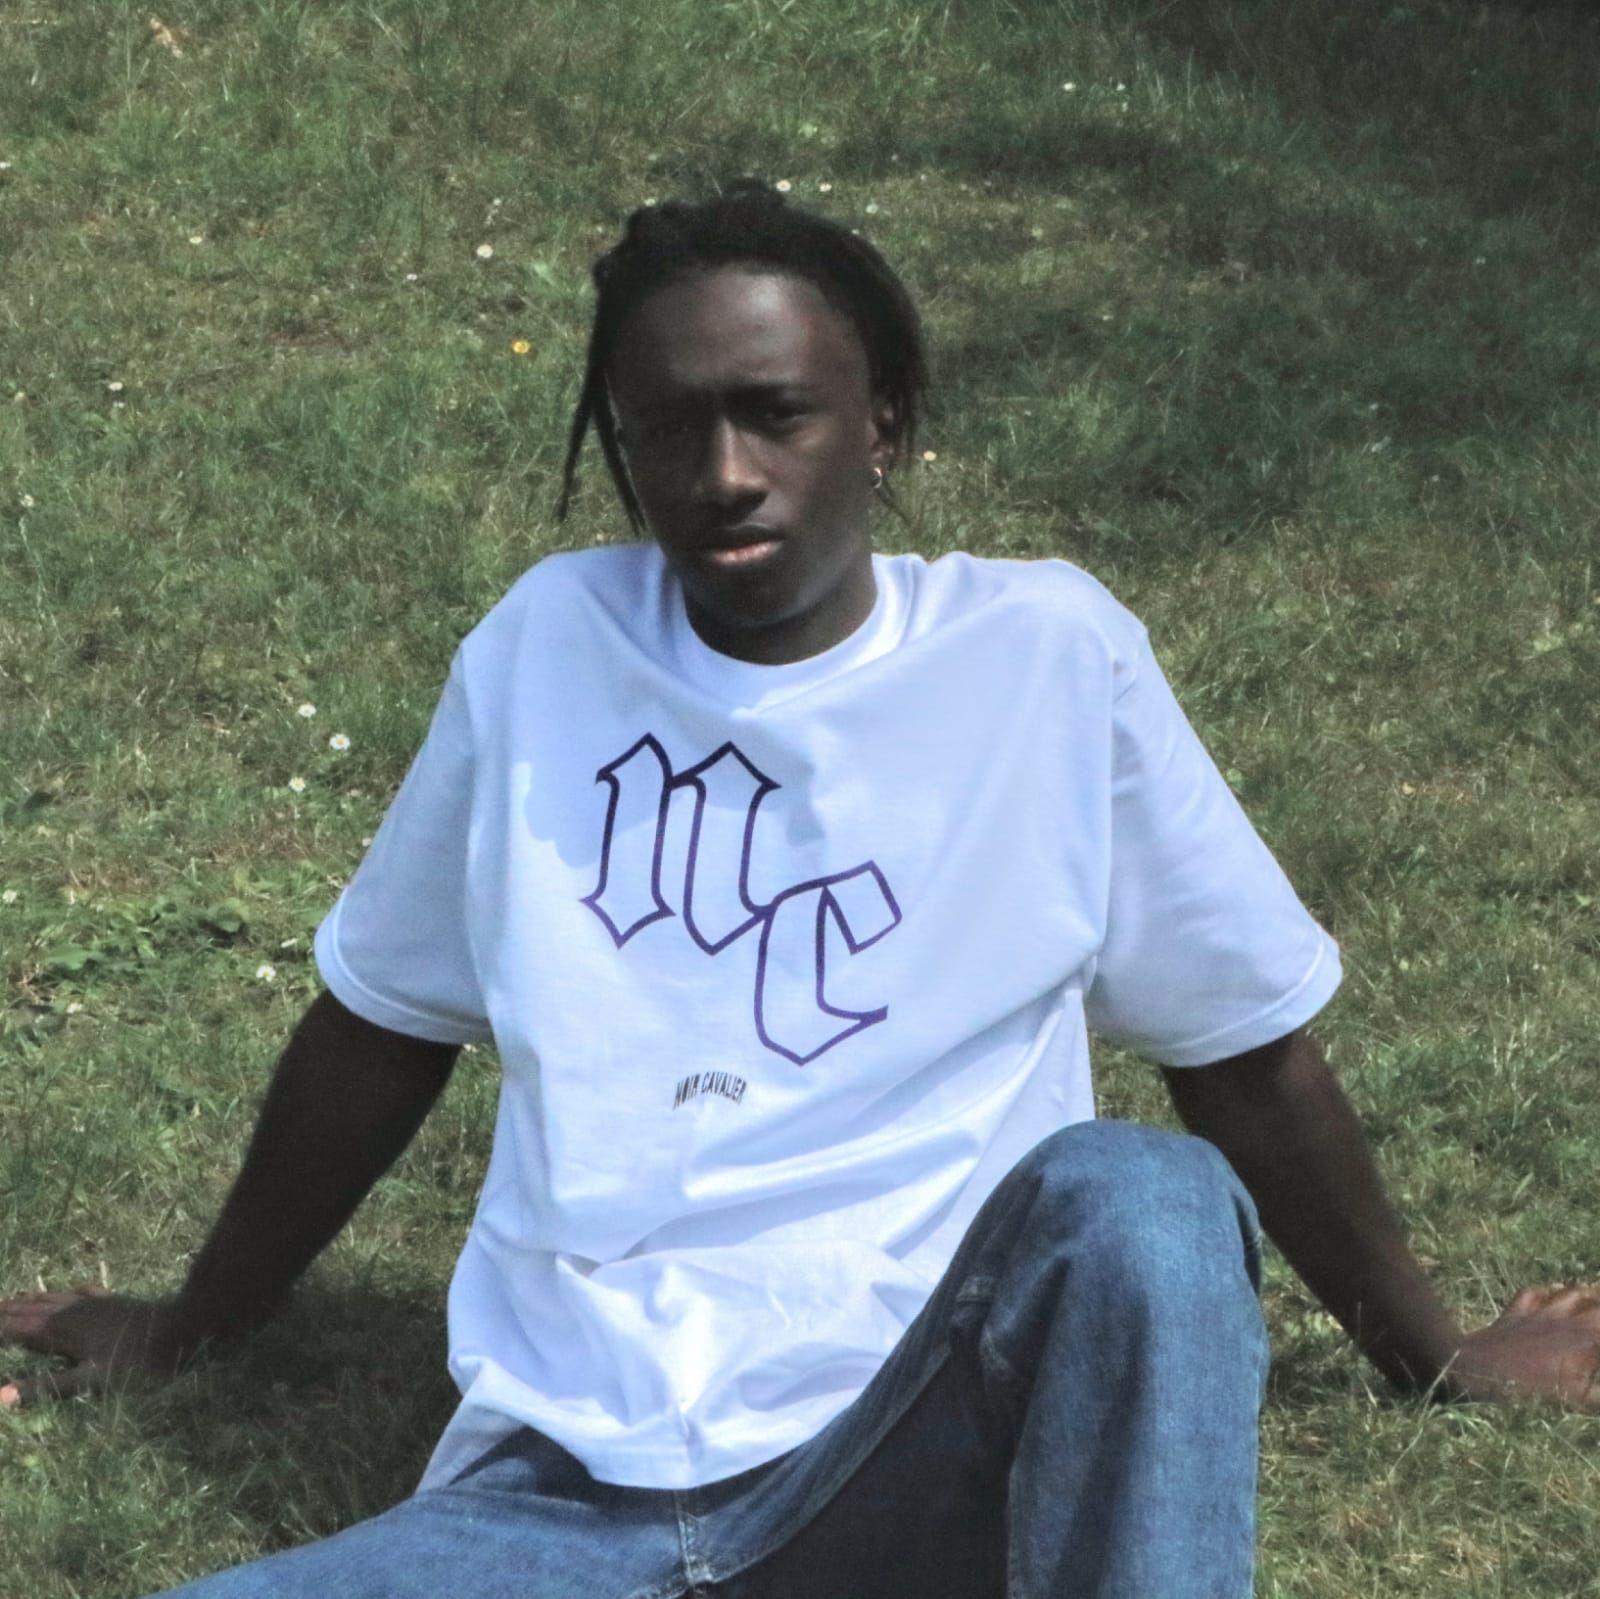 Weißes T-Shirt mit Lila/Schwarzem Aufdruck